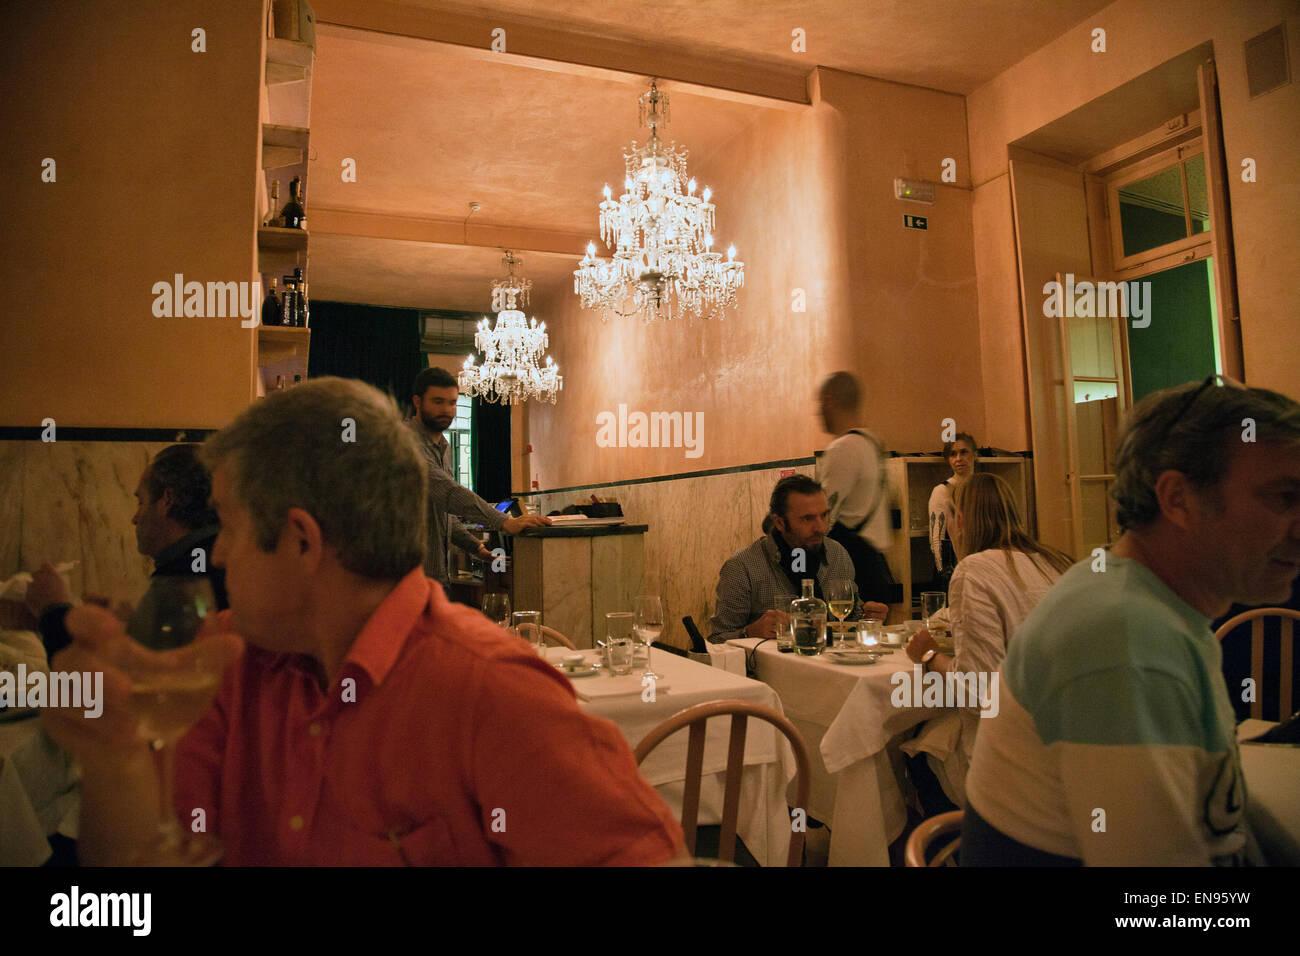 Pap Acorda' Restaurante interior en el Bairro Alto de Lisboa - Portugal Imagen De Stock